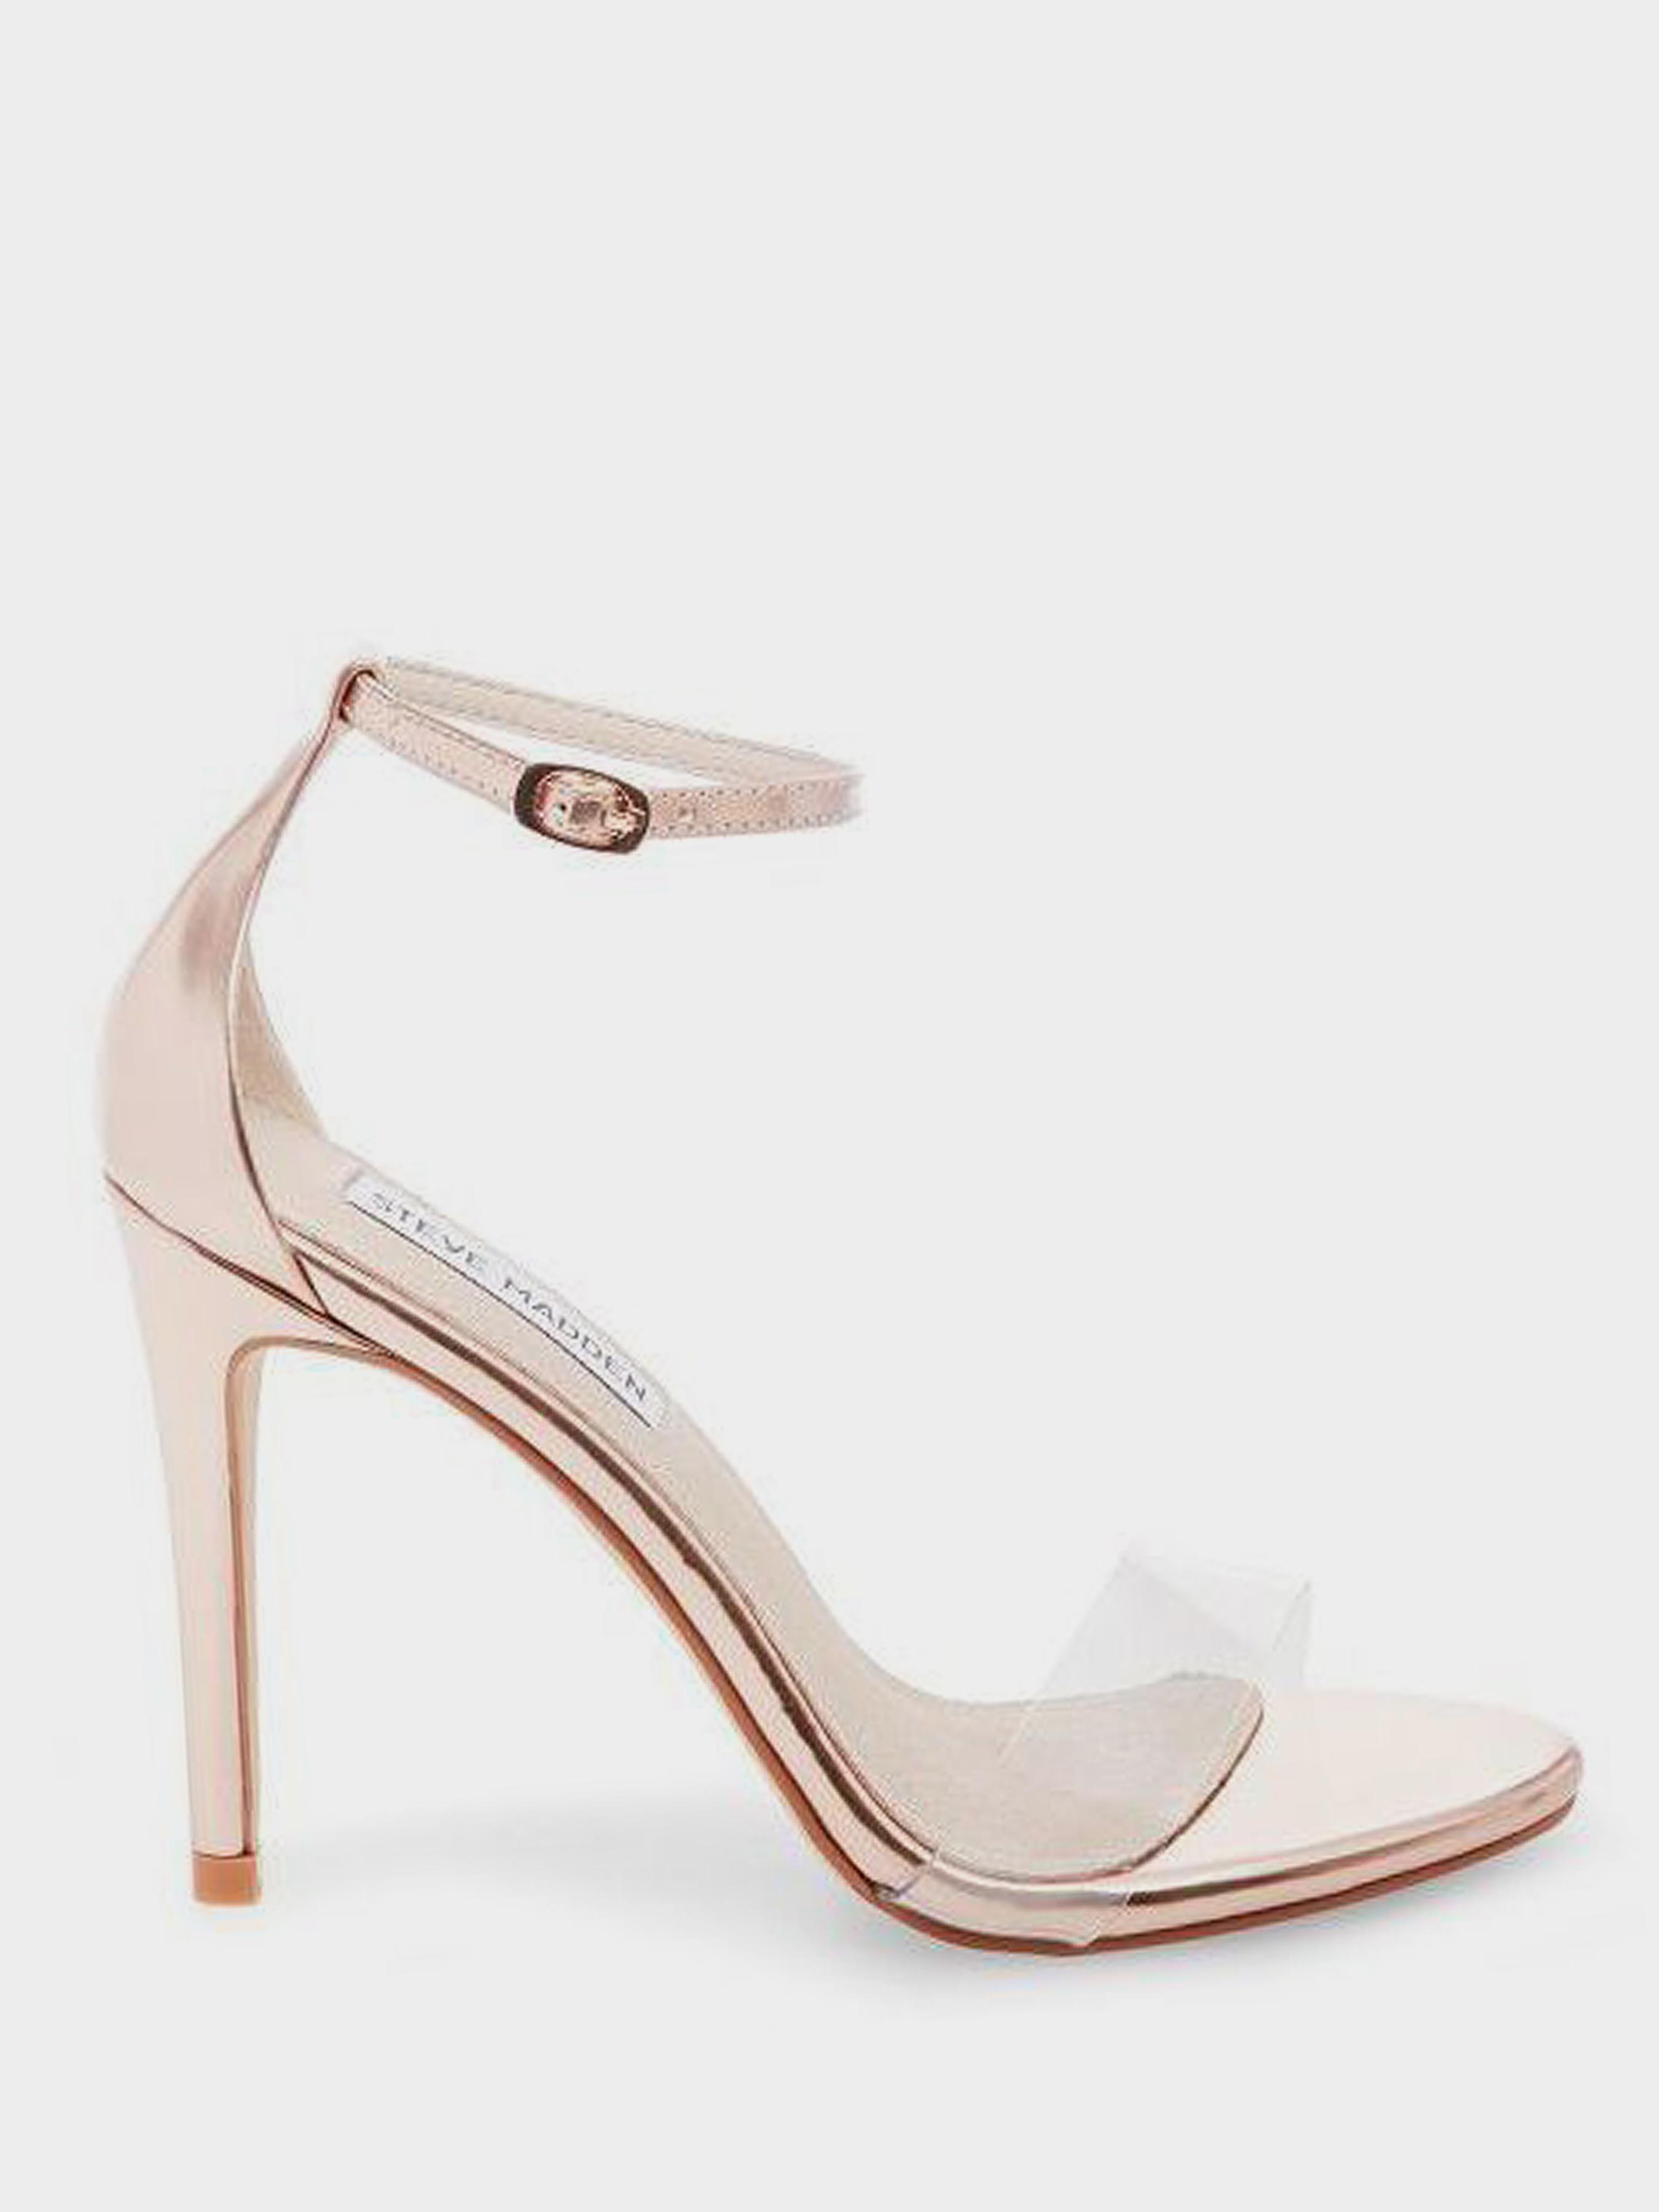 Купить Босоножки женские Steve Madden STECY-C 9T33, Розовый